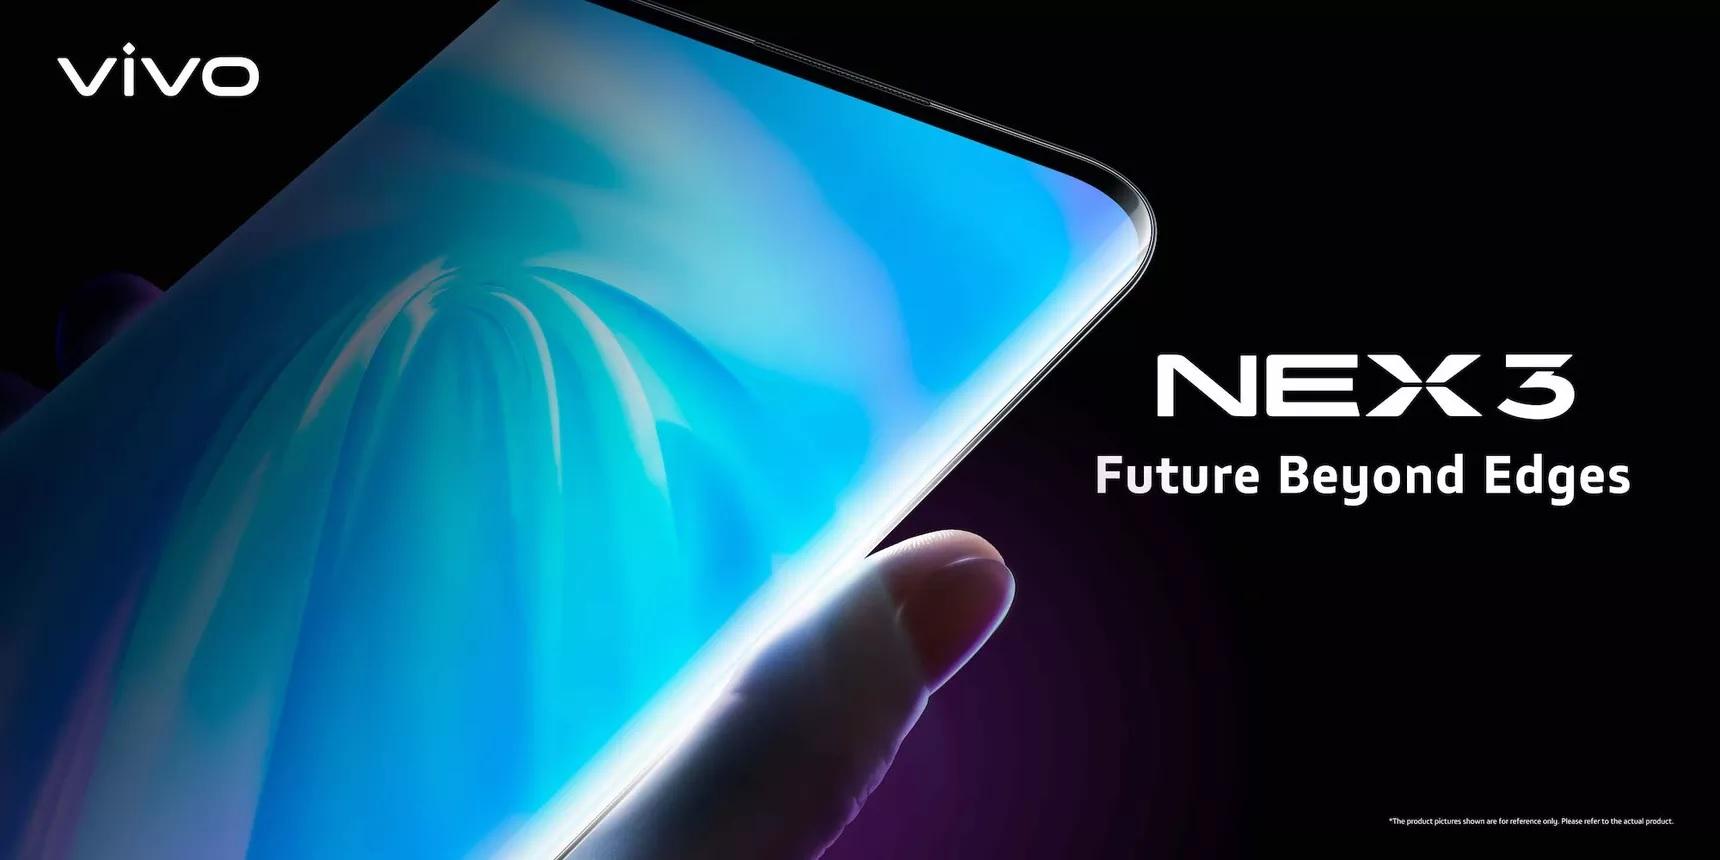 Vivo NEX 3 wykręcił prawie pół miliona punktów w AnTuTu. To absolutny rekord!